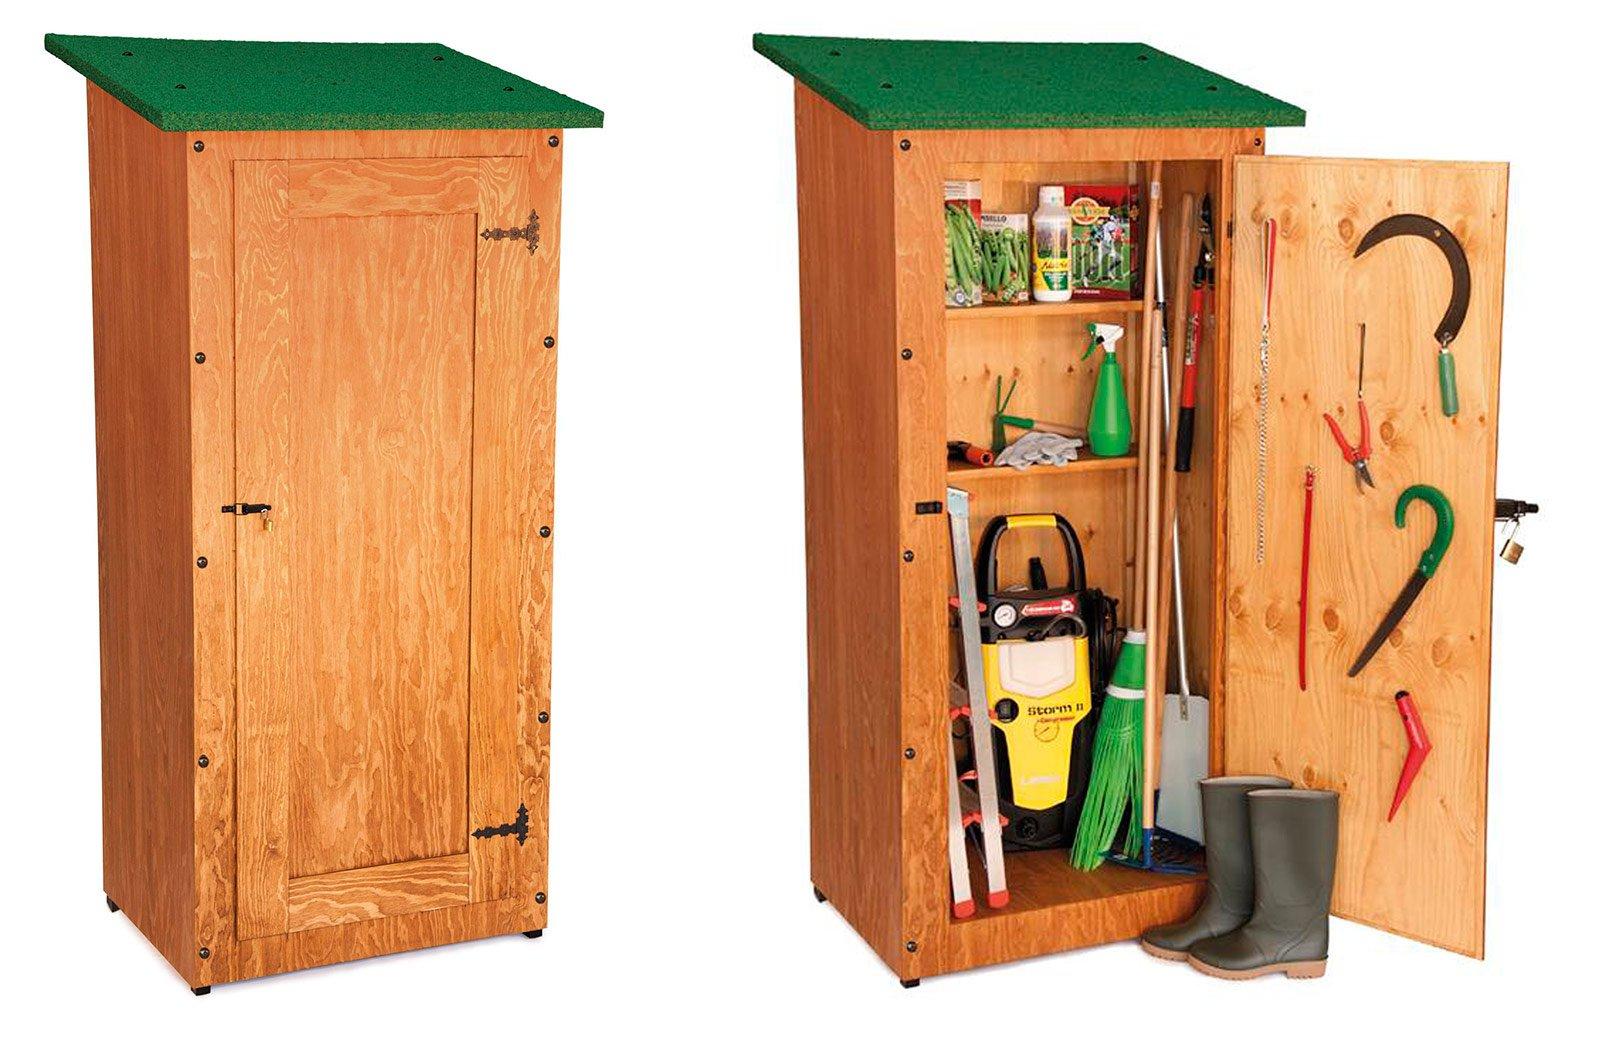 Mobili contenitori da giardino in legno mobilia la tua casa - Mobili in legno da esterno ...